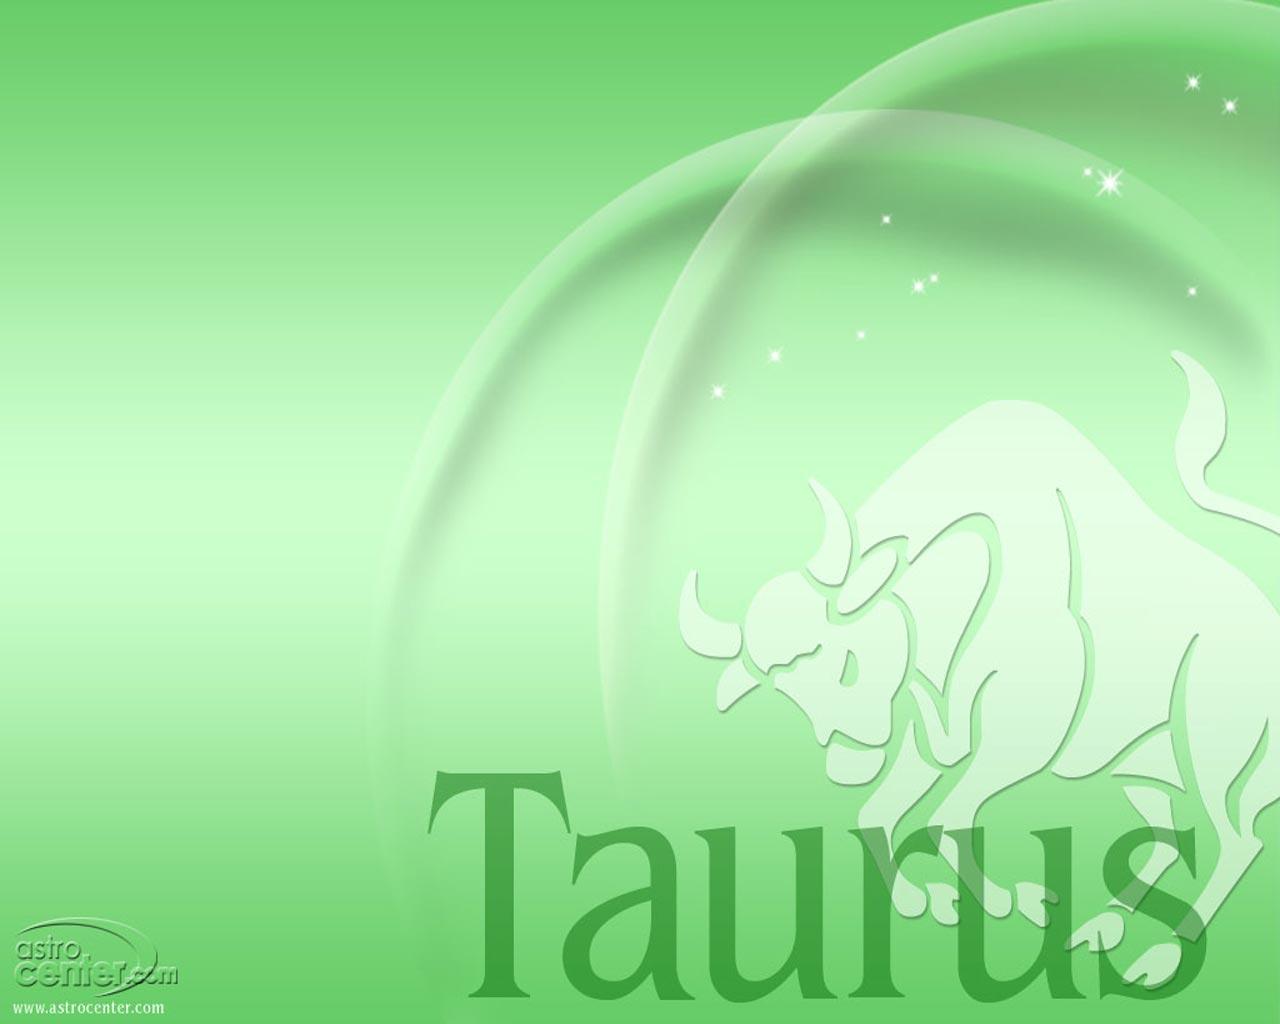 Green Taurus Wallpaper Zodiac Signs 1280x1024